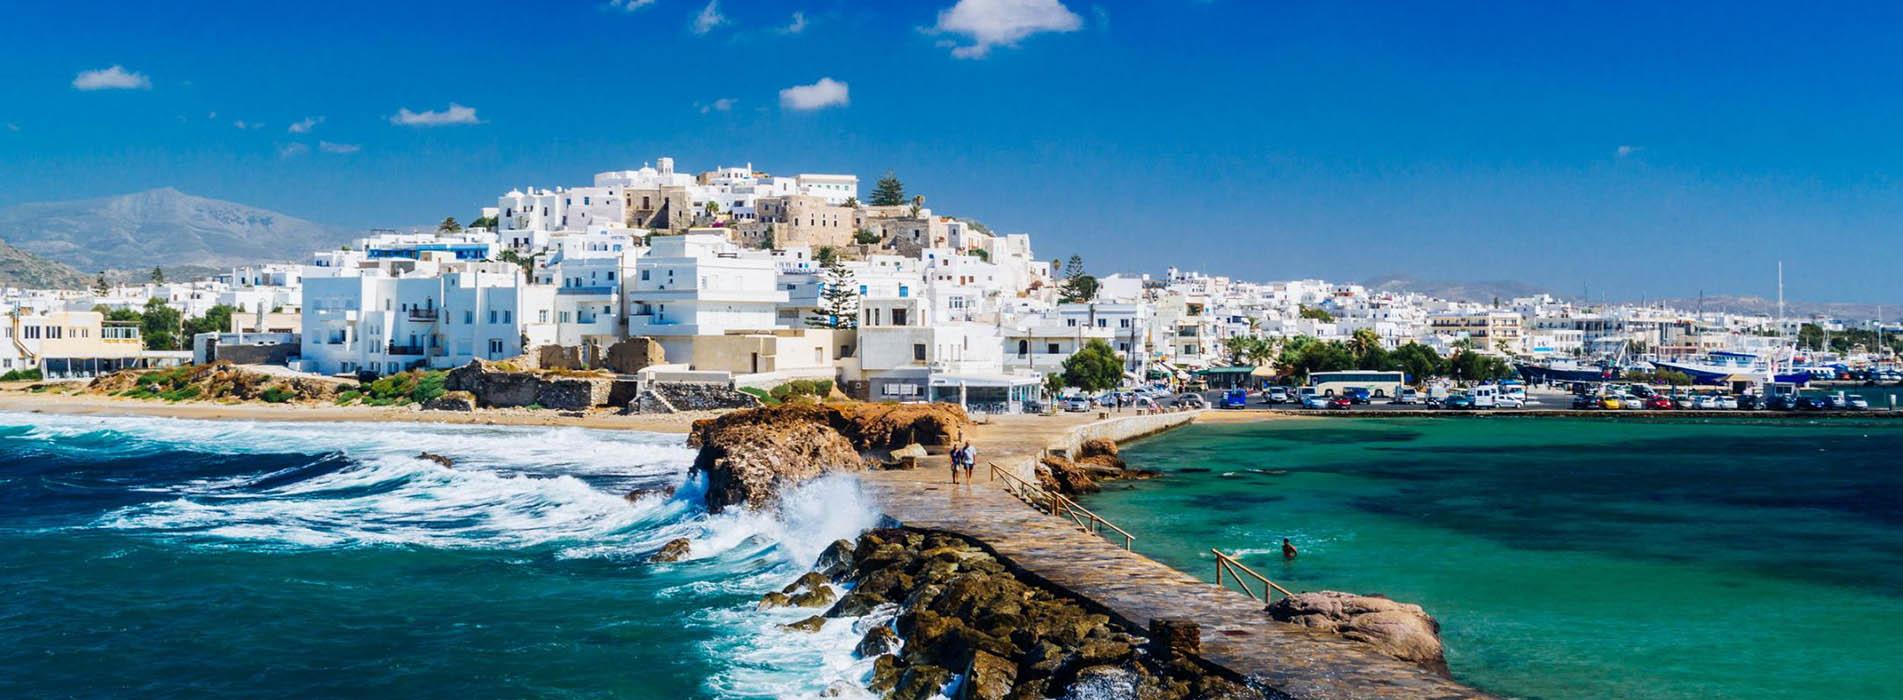 Greece - Naxos 6 (main)